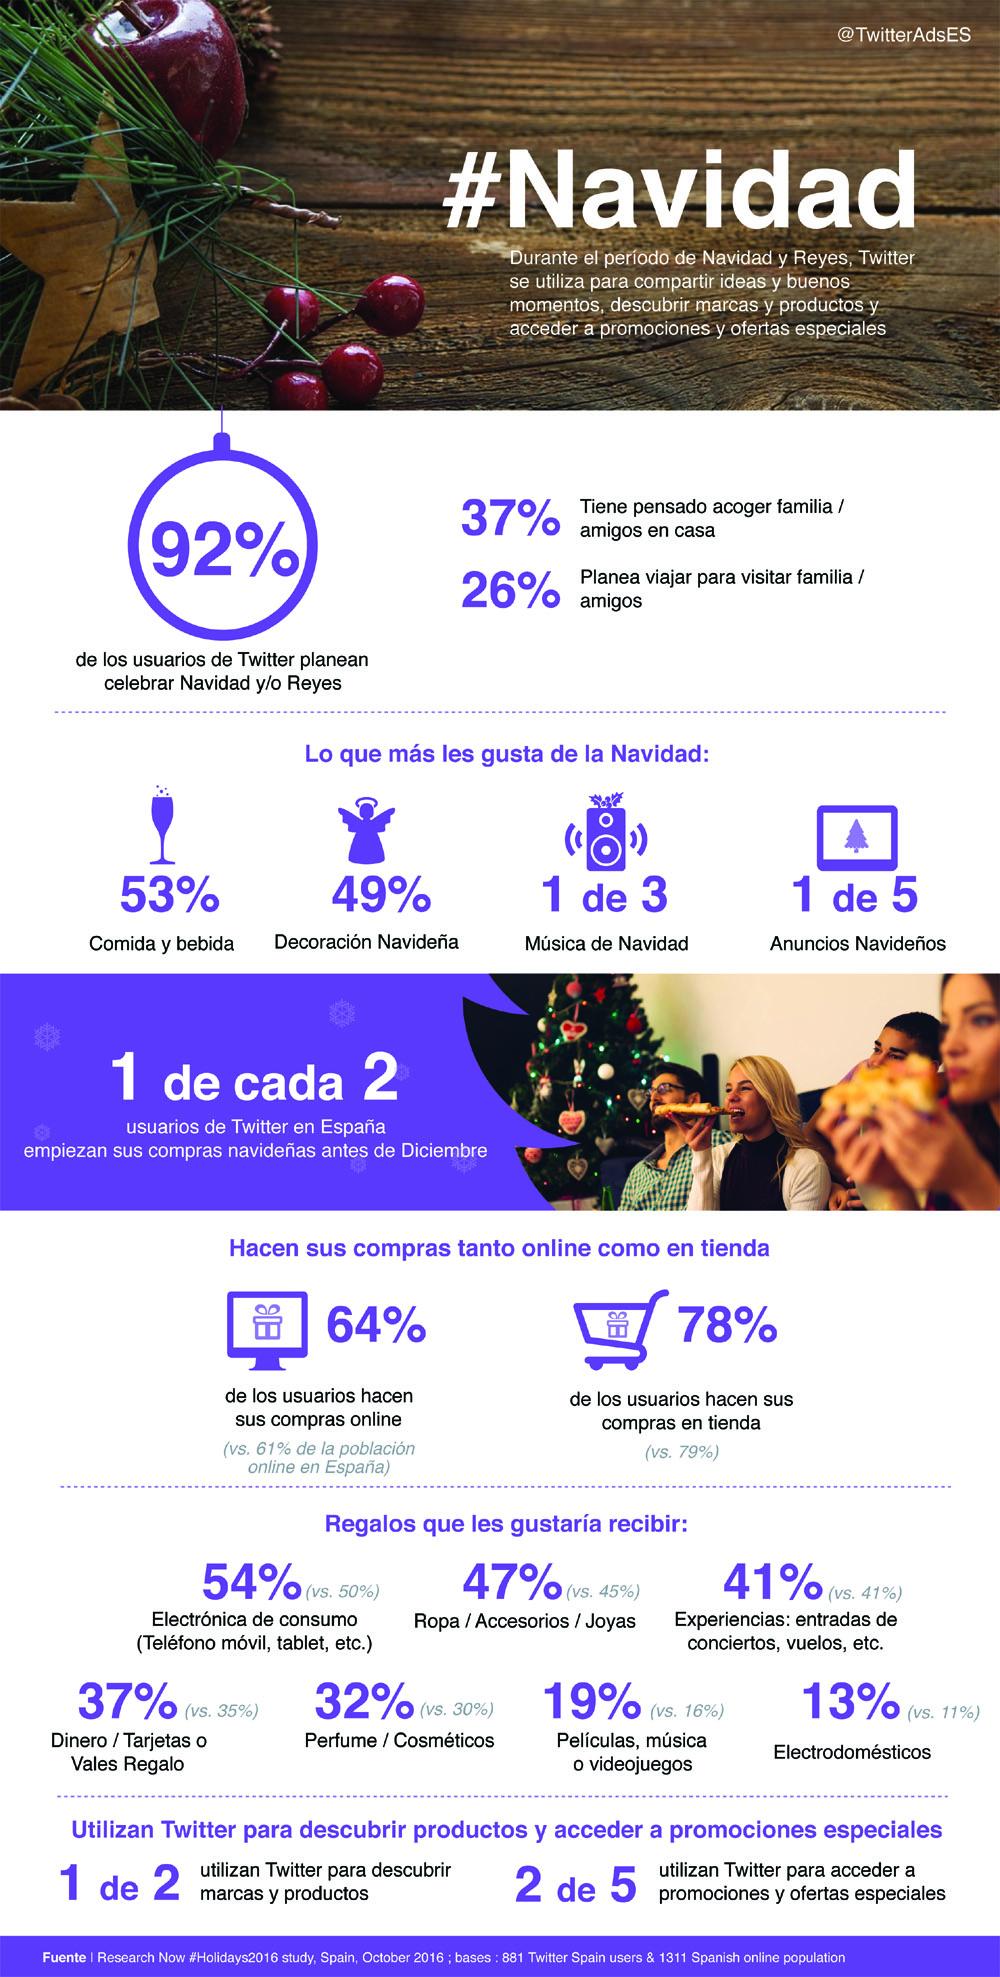 navidad-info